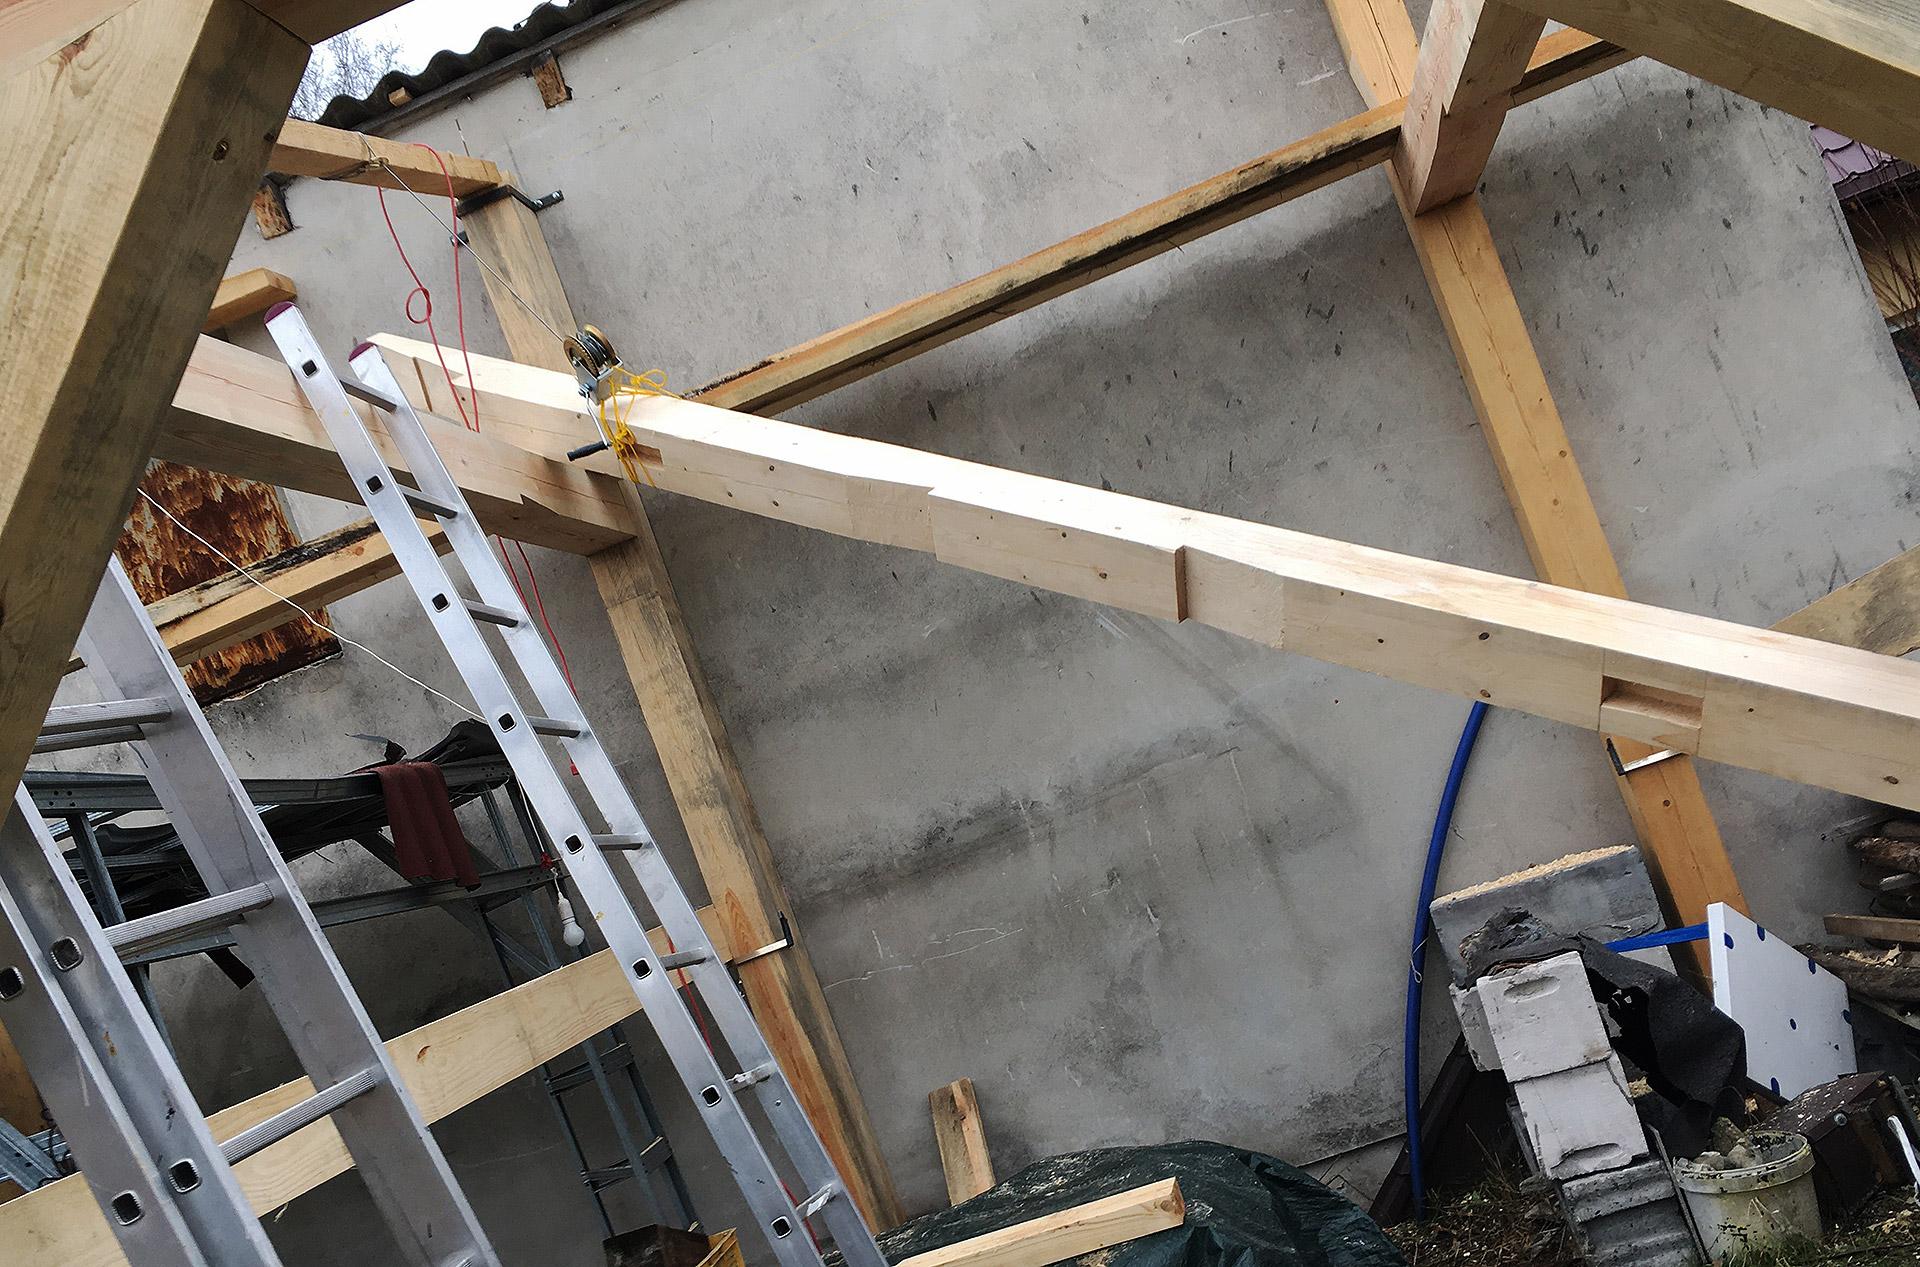 Wciąganie ciężkiej belki 18x18cm